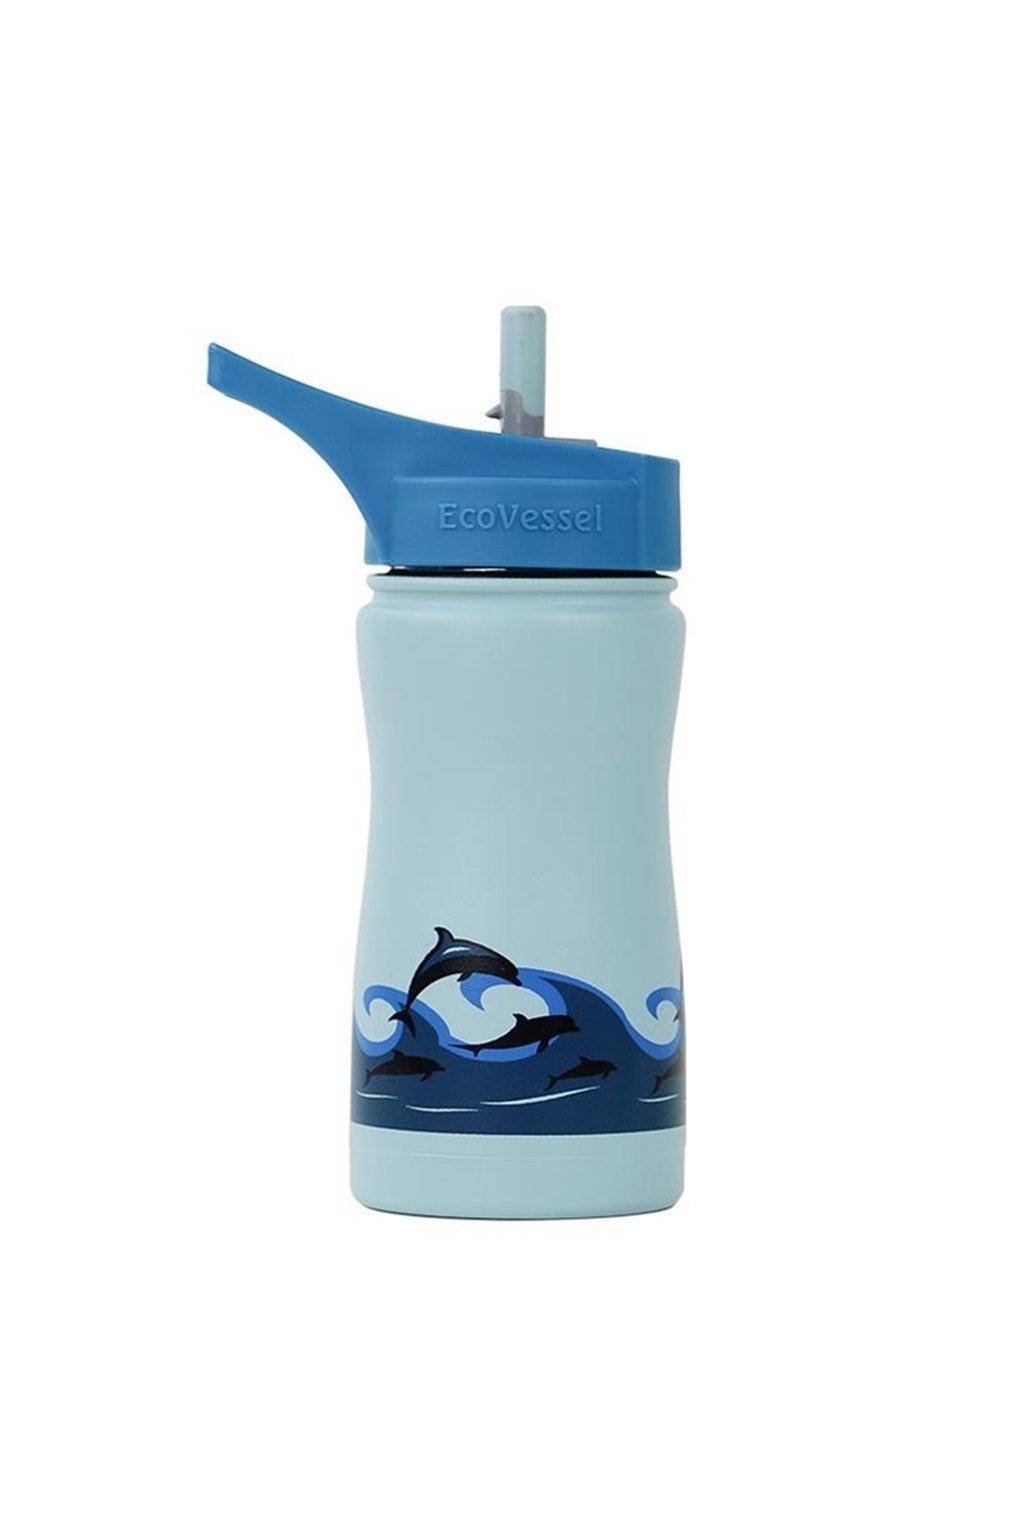 Detská termofľaša Eco Vessel 370 ml modrá s delfínmi